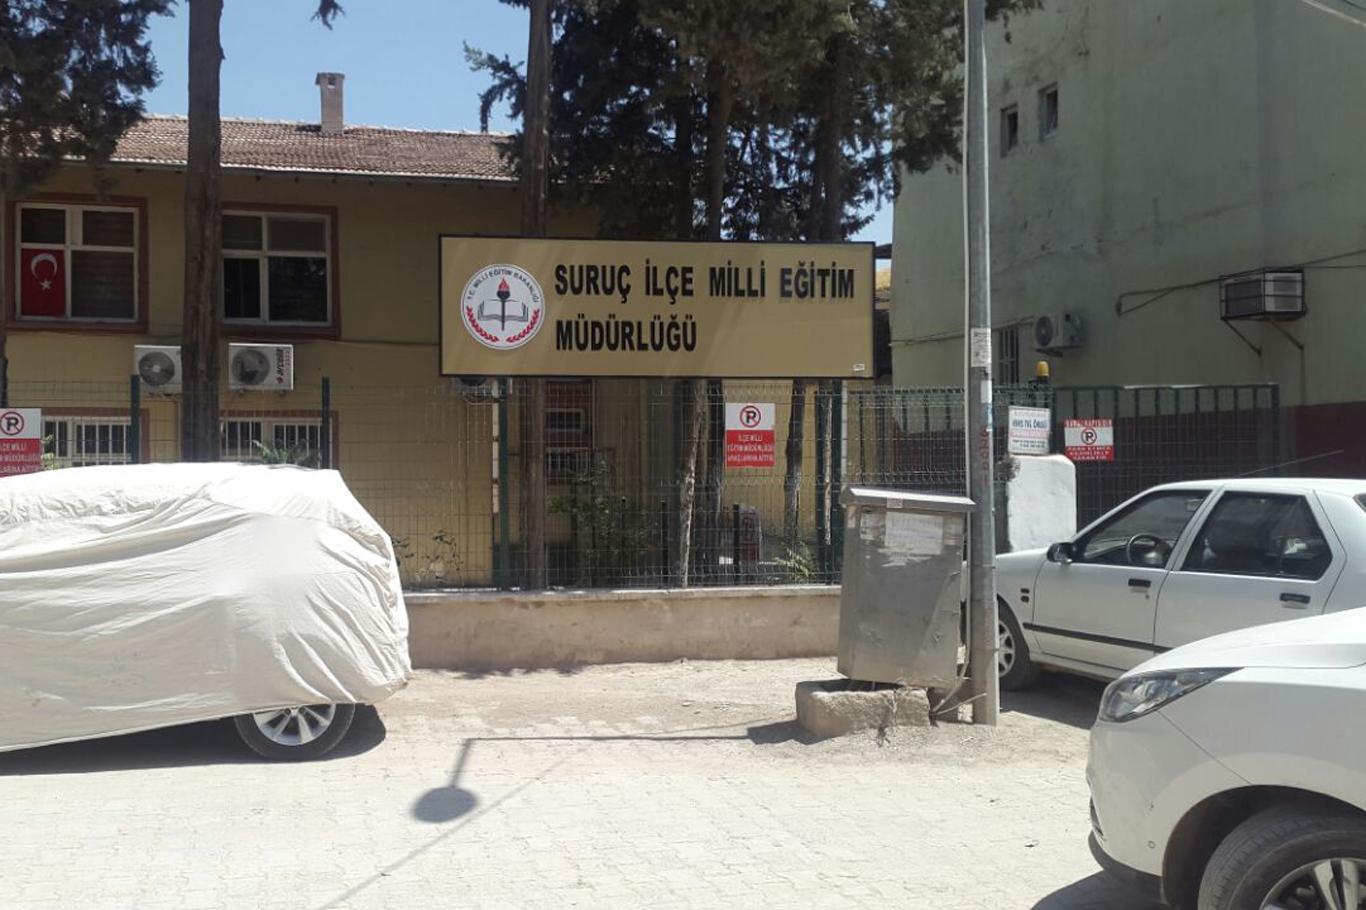 Suruç'da 5 öğretmen açığa alındı